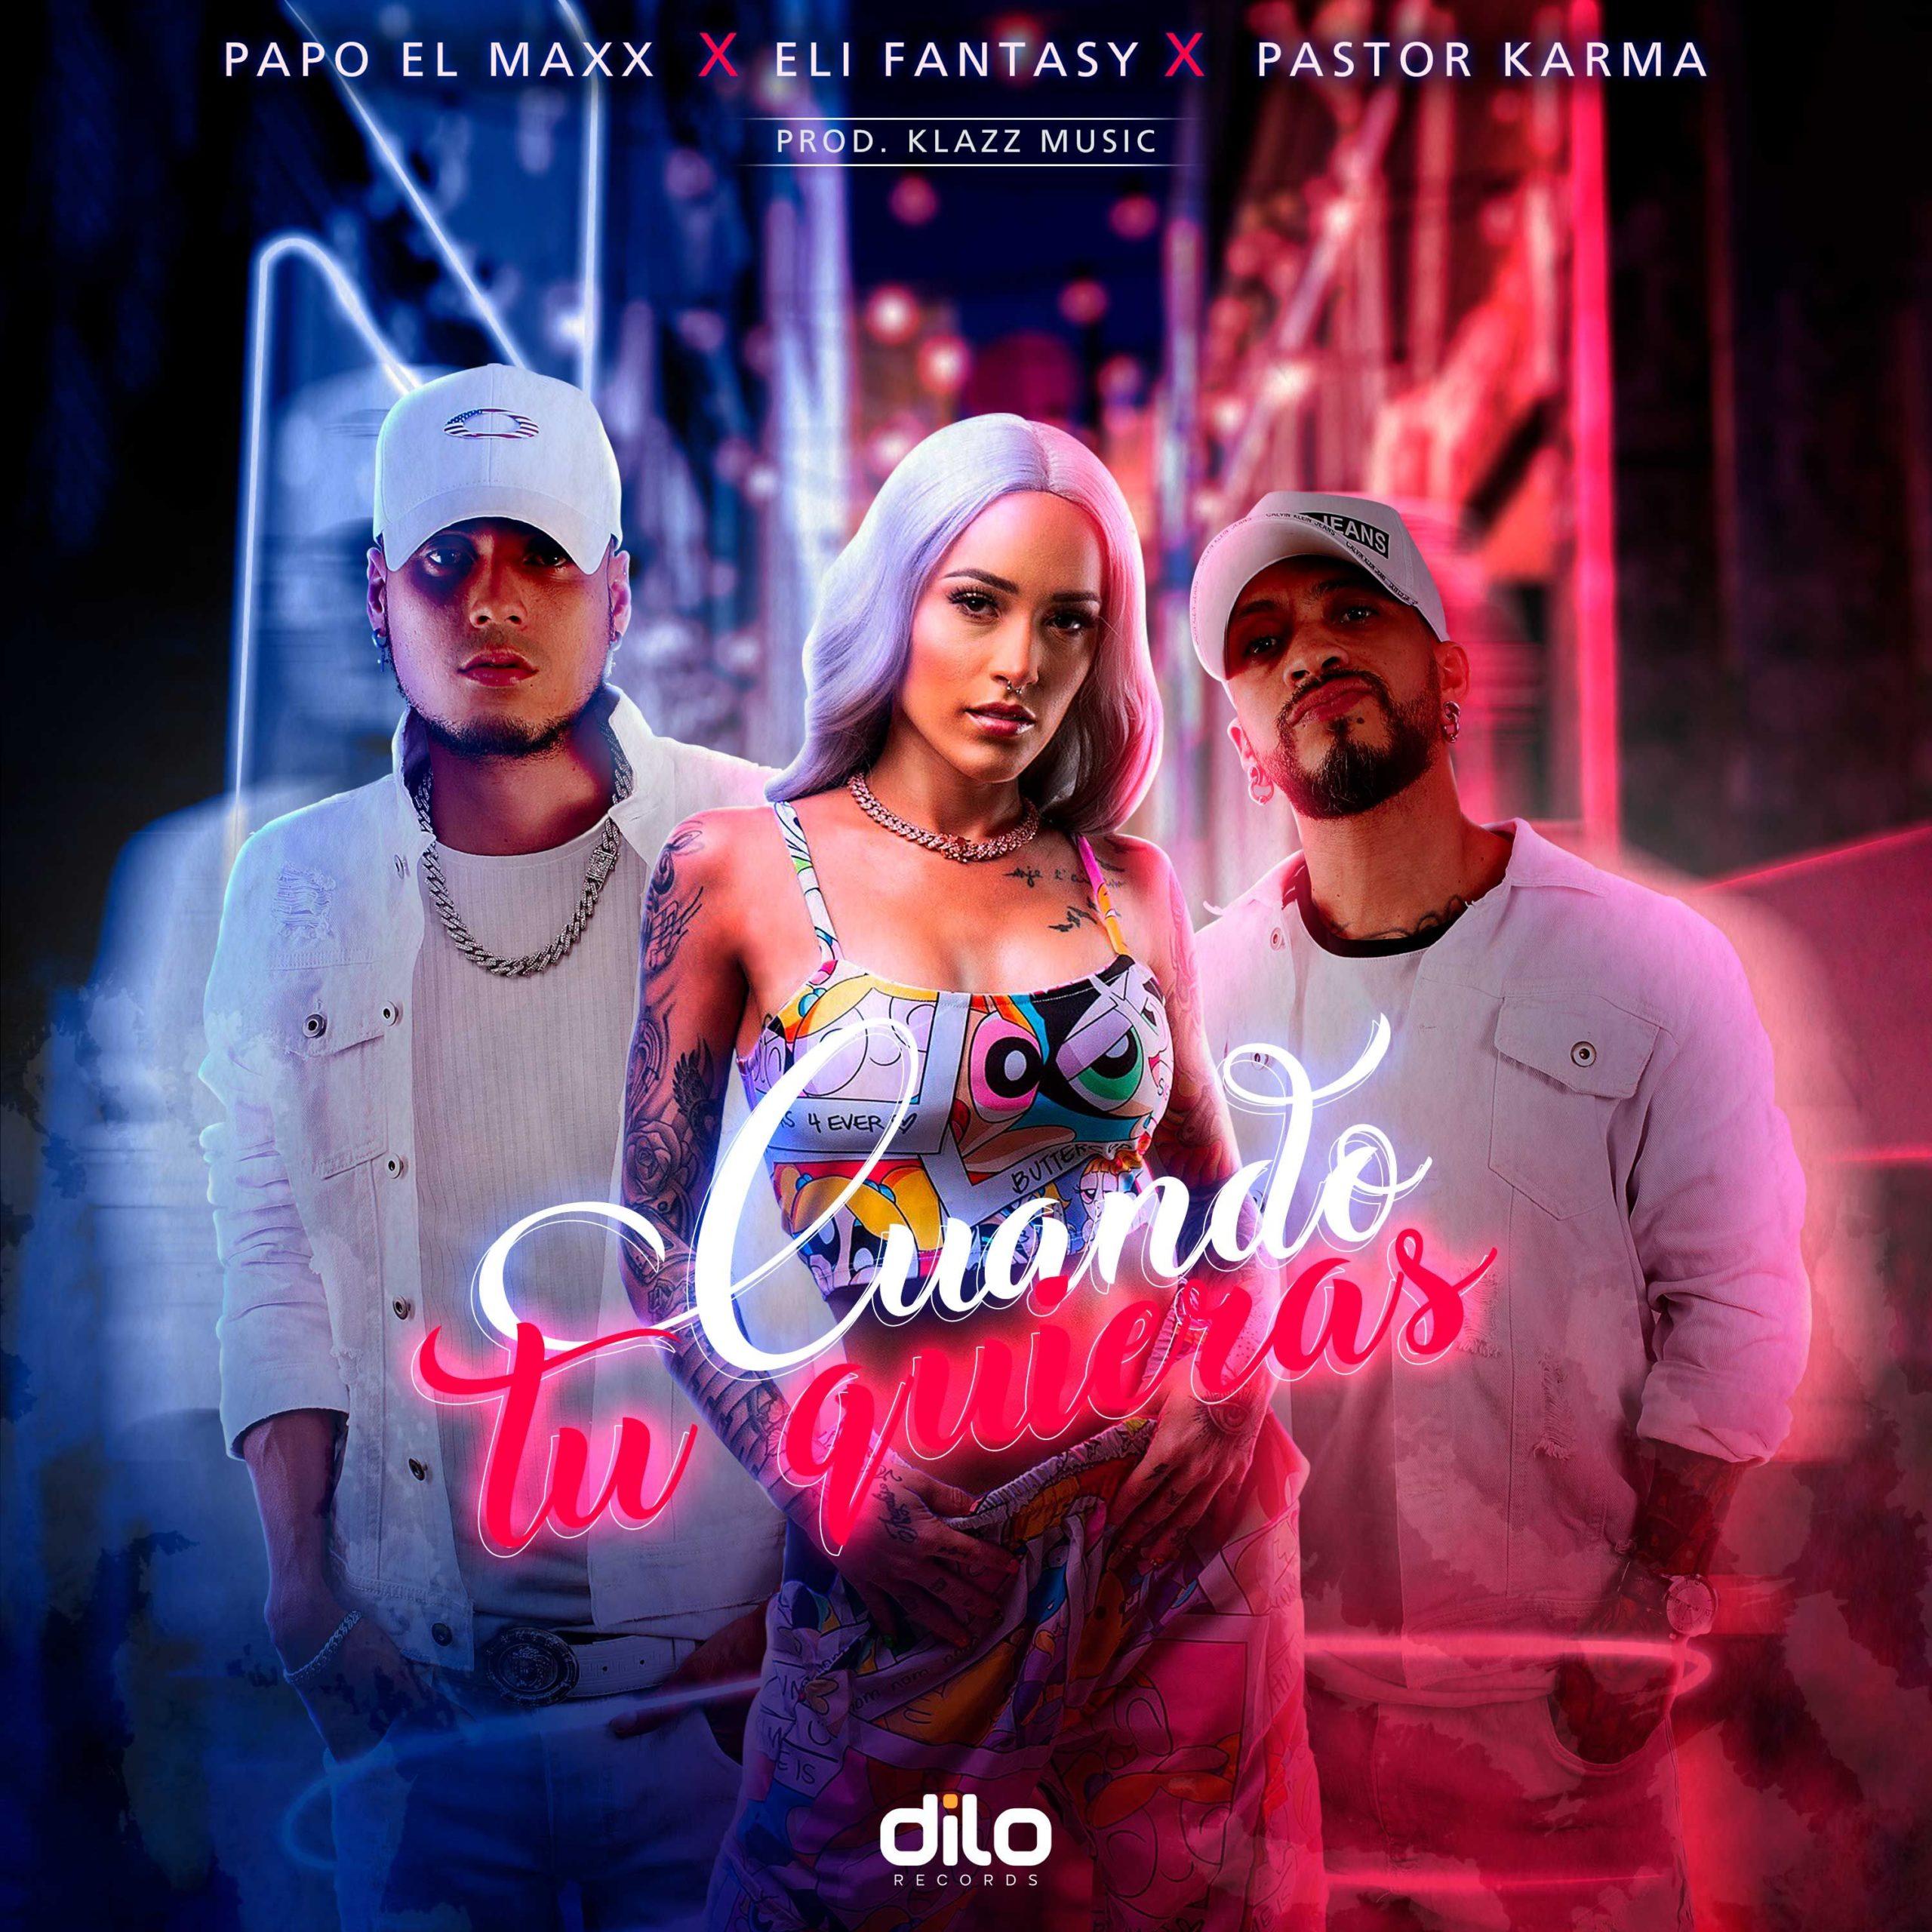 'Cuando Tú Quieras' cruza fronteras con Dilo Records